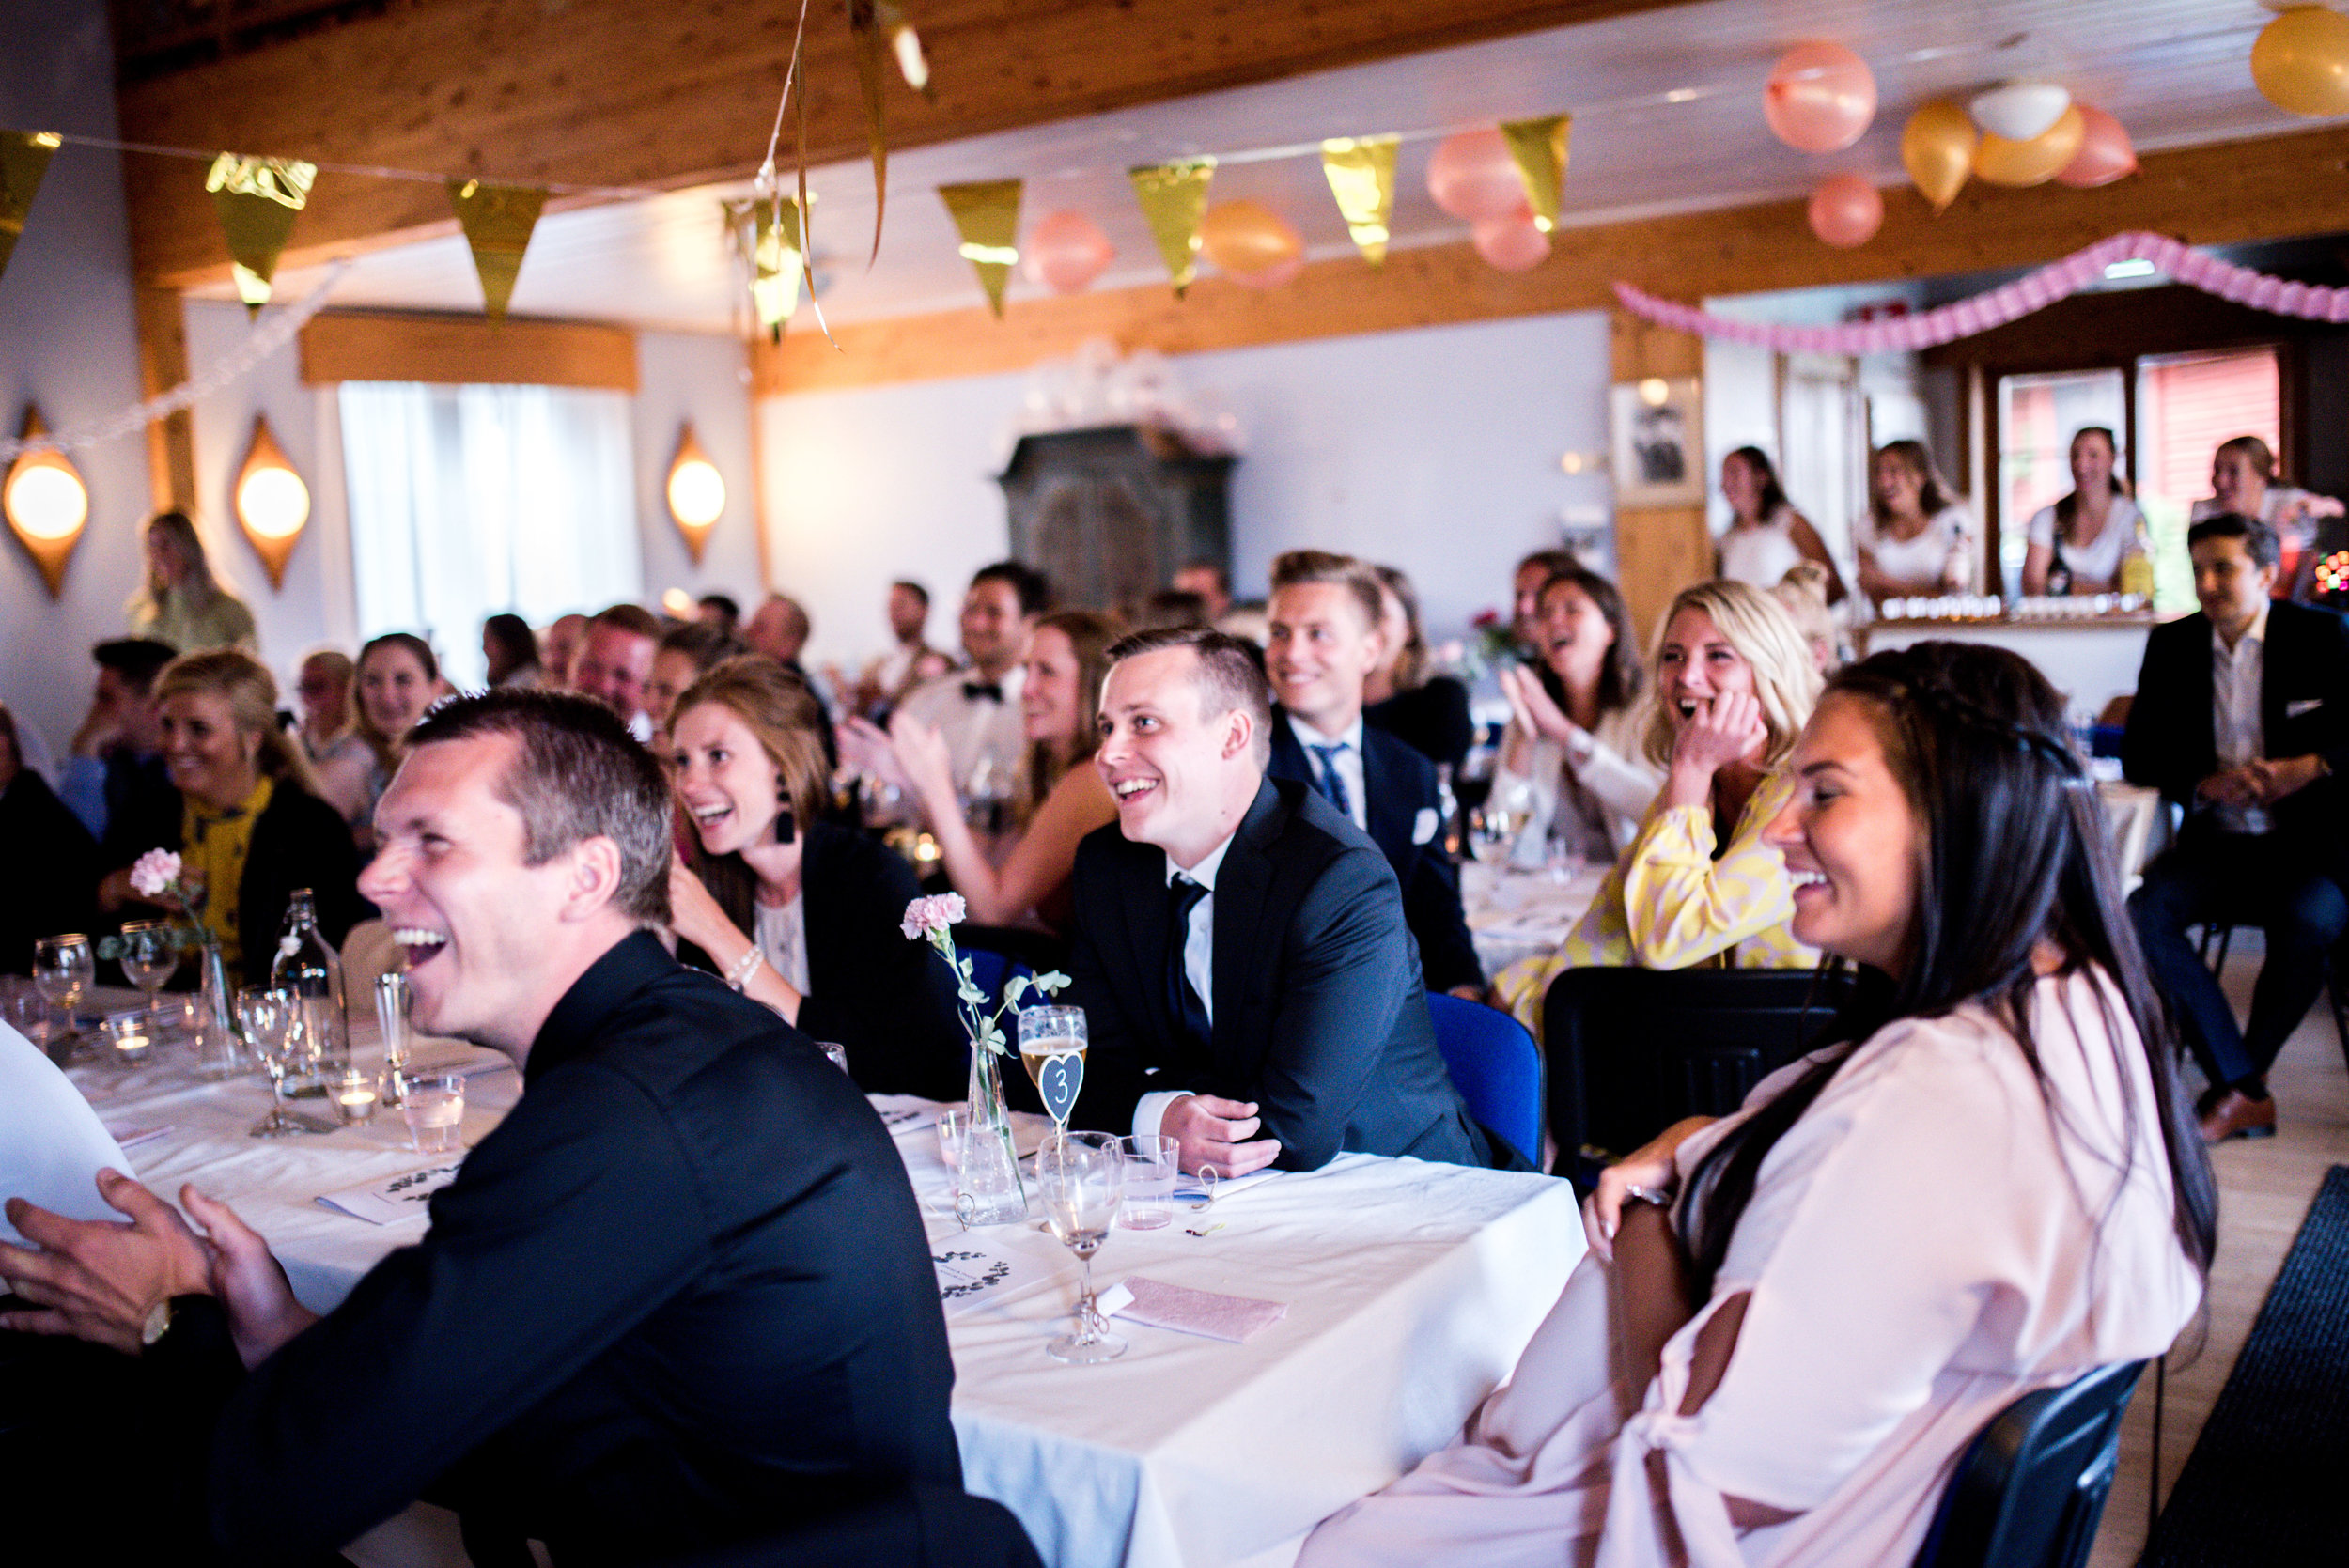 Bröllop2019lågkvall2-6345.jpg